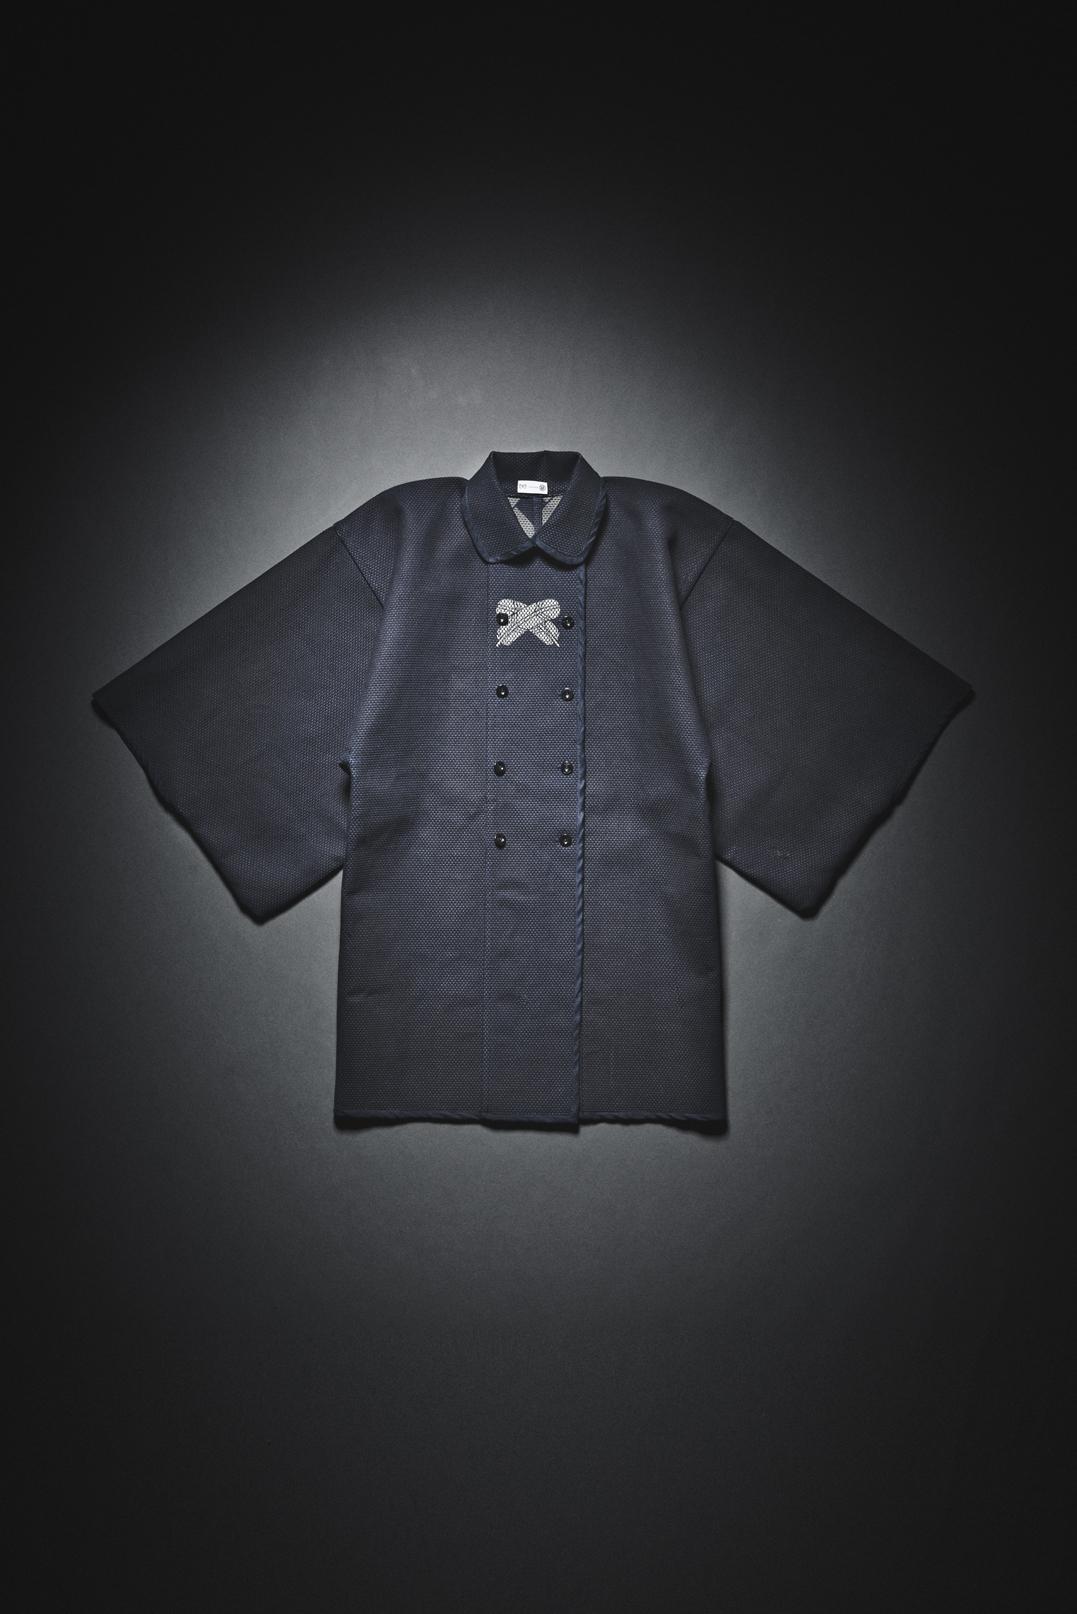 火消しコート(165,240円)/Y.&SONS  ※こちらの商品は受注生産で承ります。お渡しはご注文いただいてから約3ヶ月後となります。